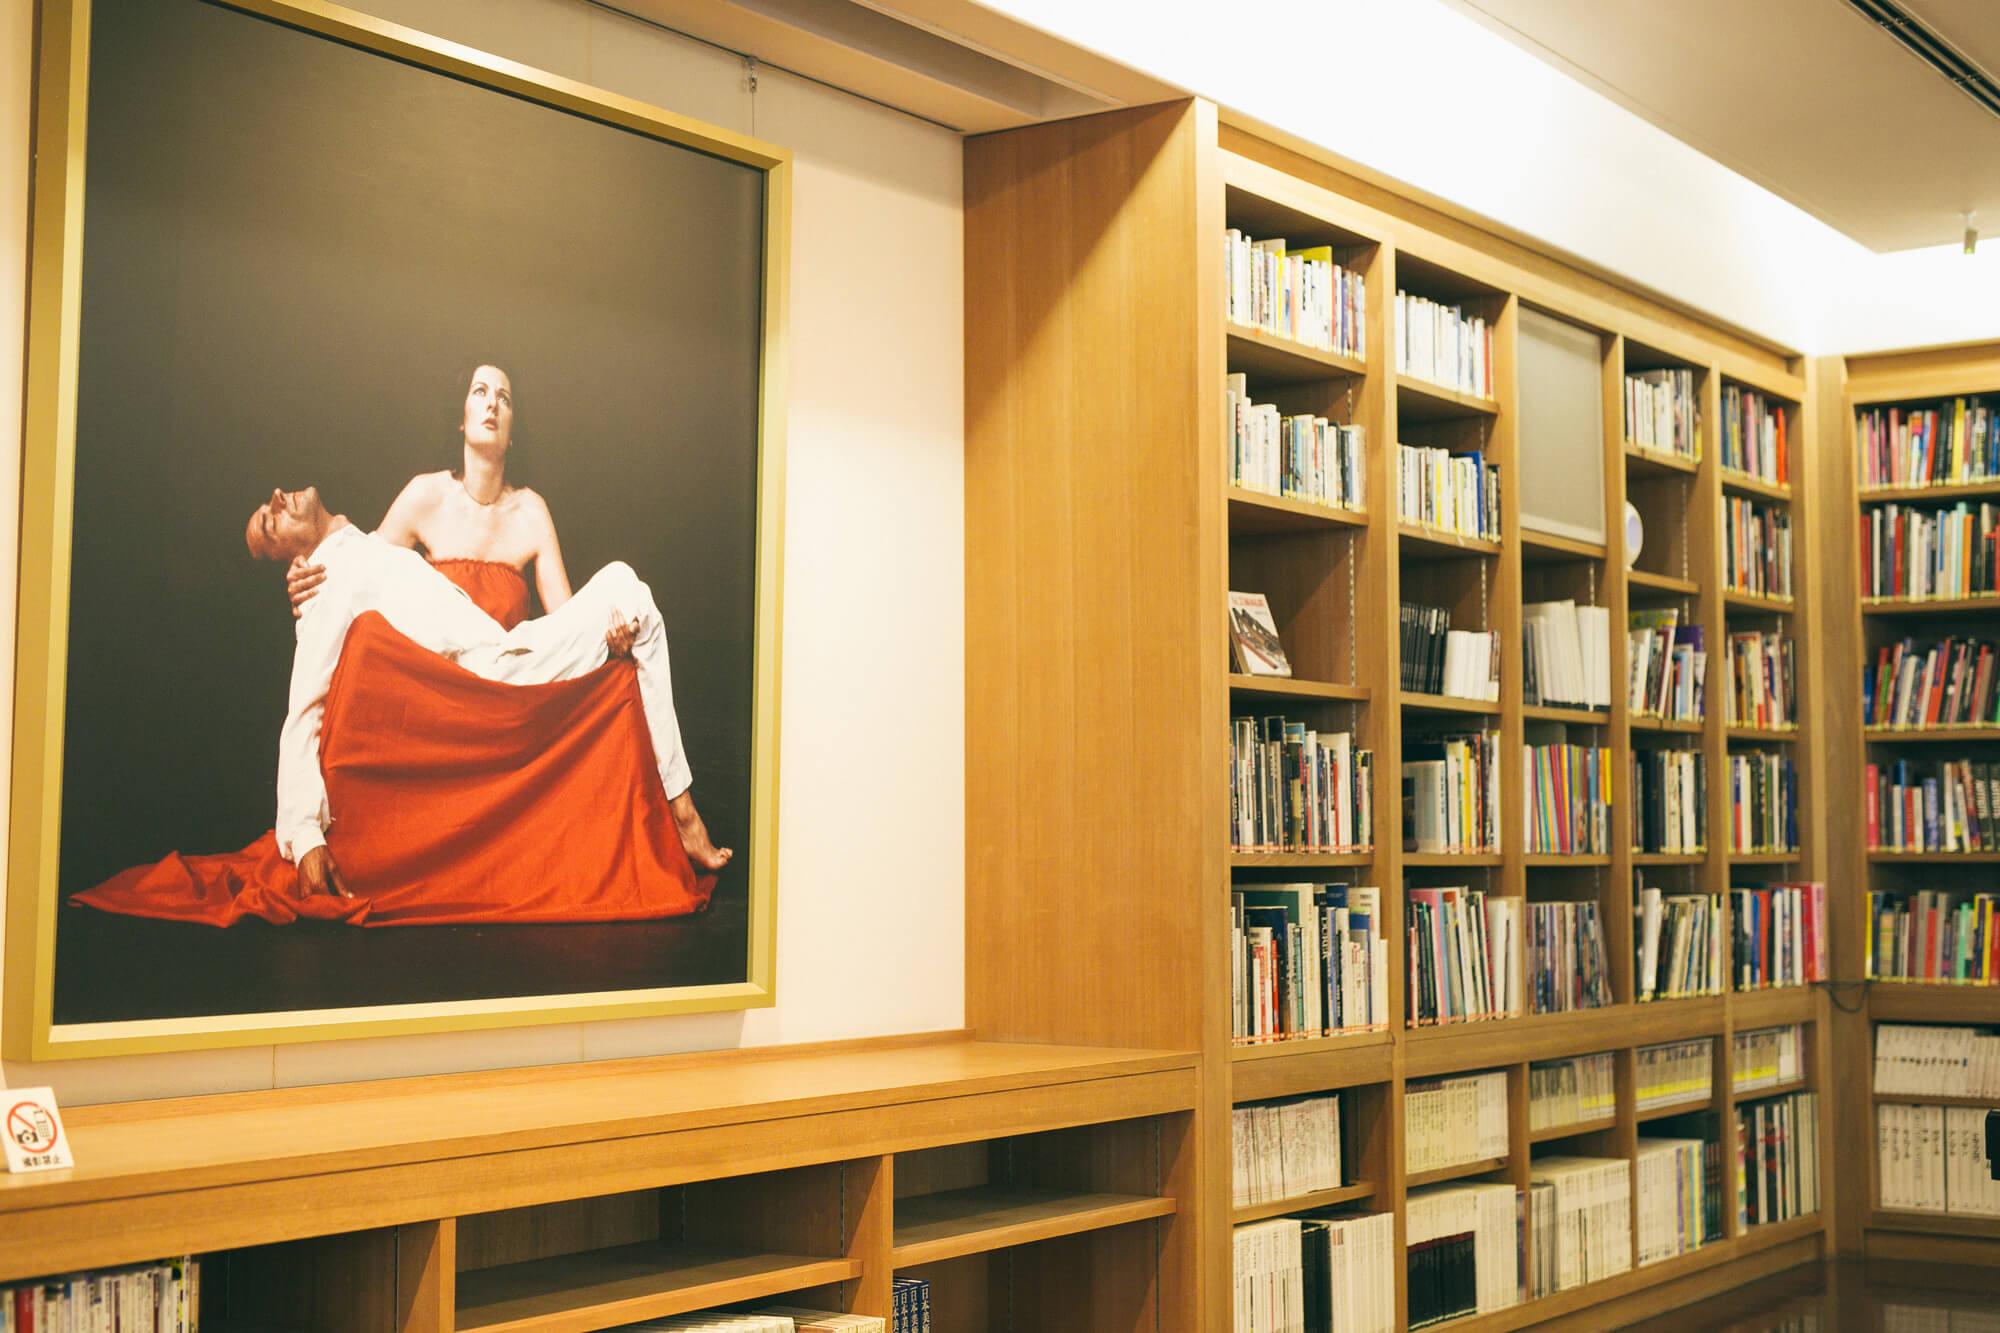 熊本市現代美術館「ホームギャラリー」